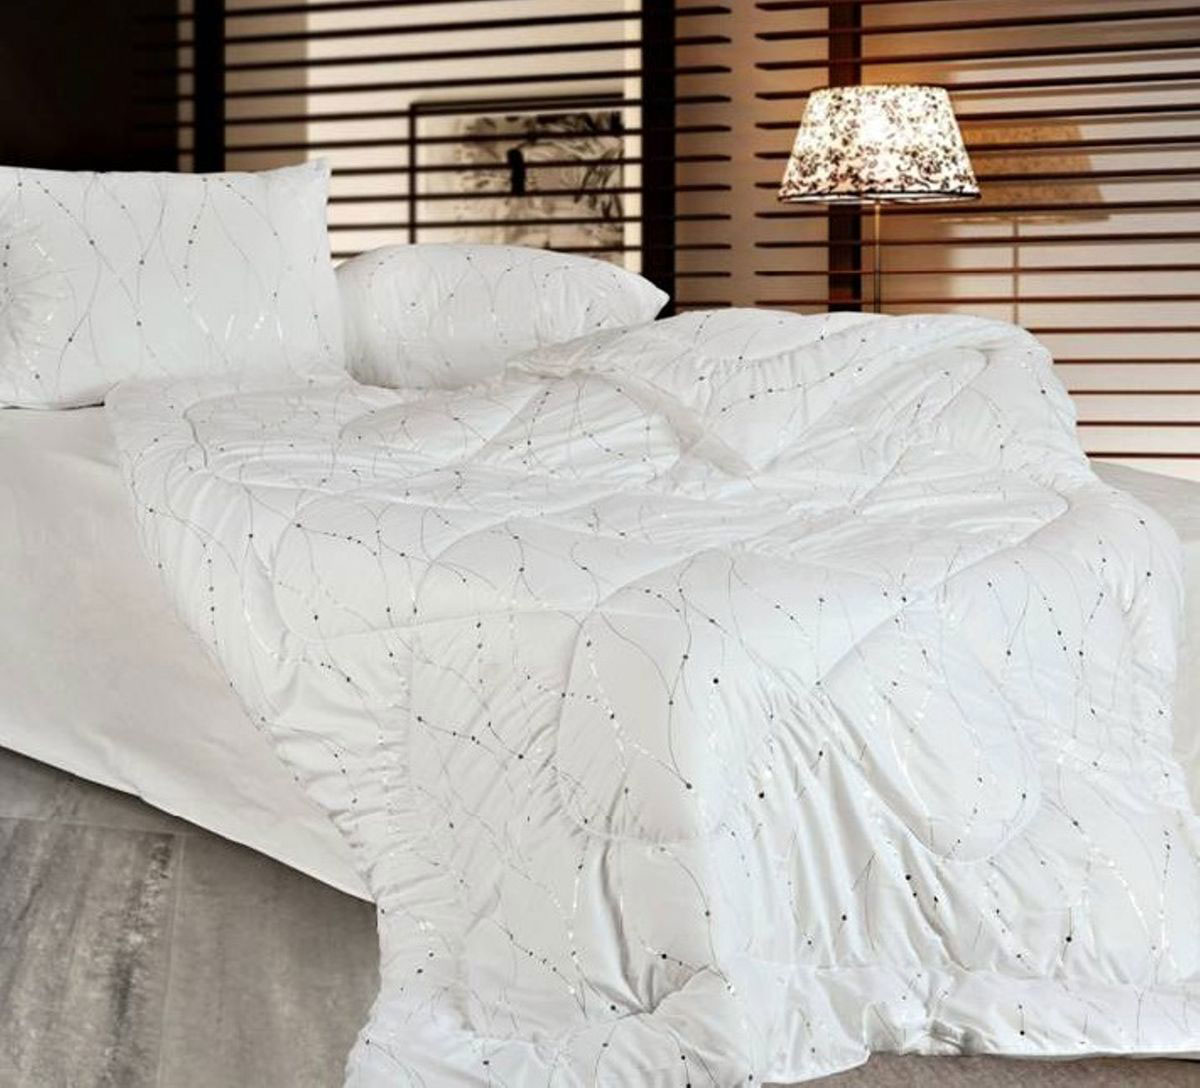 """Классическое одеяло с экологичным наполнителем и стильным верхом - серебро  на белом фоне - простегано - значит, наполнитель внутри будет всегда  распределен равномерно.  Чехол одеяла """"Home & Style"""" выполнен из микрофибры.  Наполнитель - соевое волокно.  Размер: 172 х 205 см."""